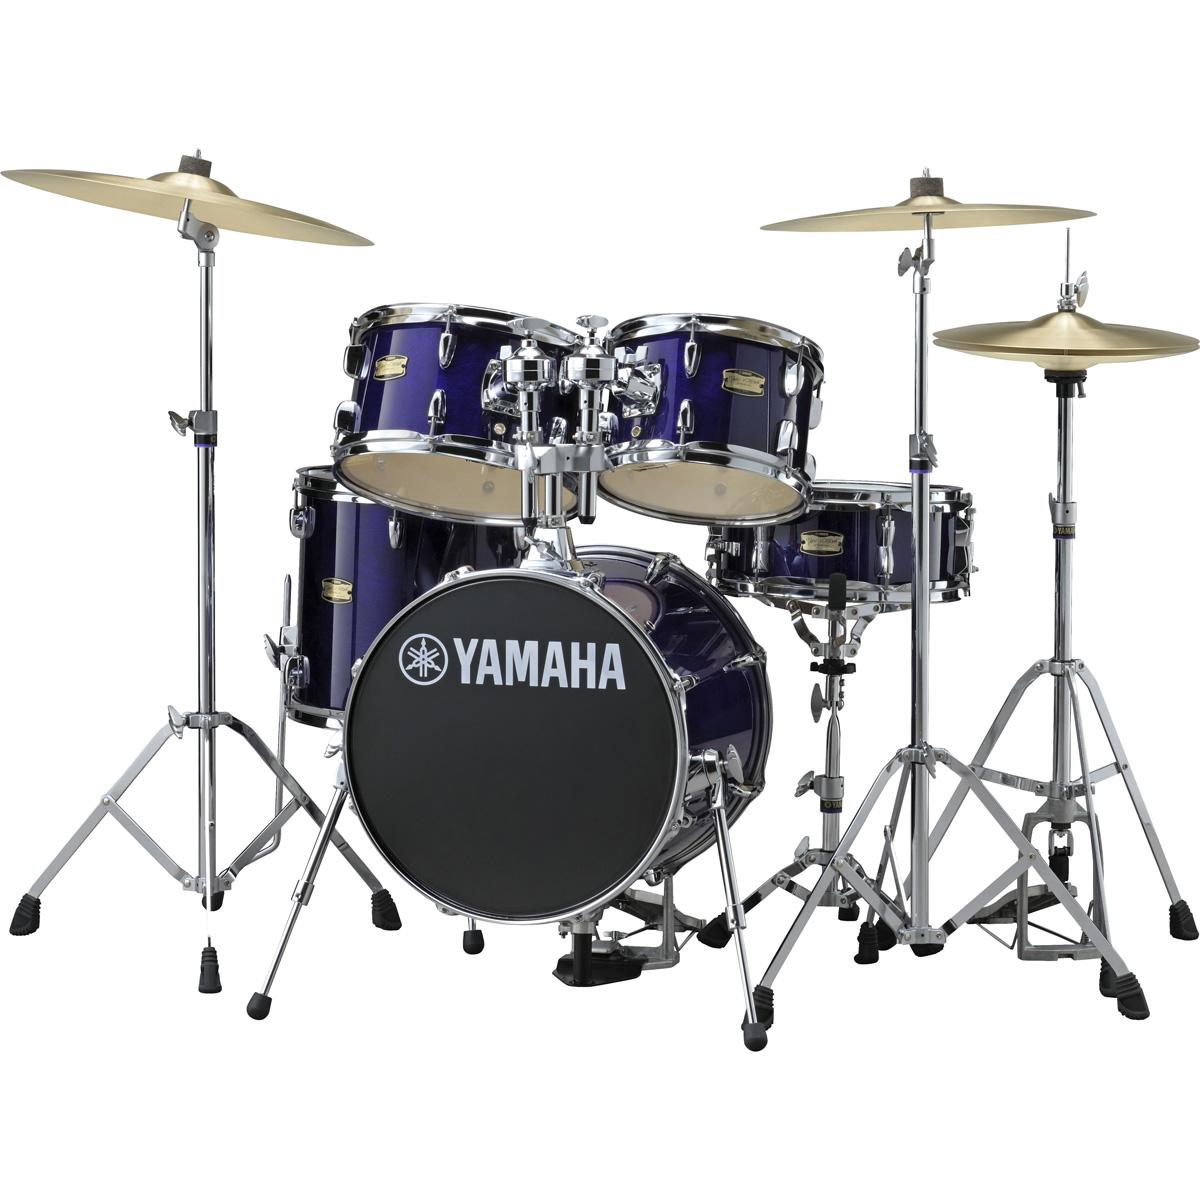 YAMAHA ドラムセット JK6F5DV ヤマハ ジュニアキット ジルジャン ZBTシンバルセット DPVディープバイオレット【YRK】